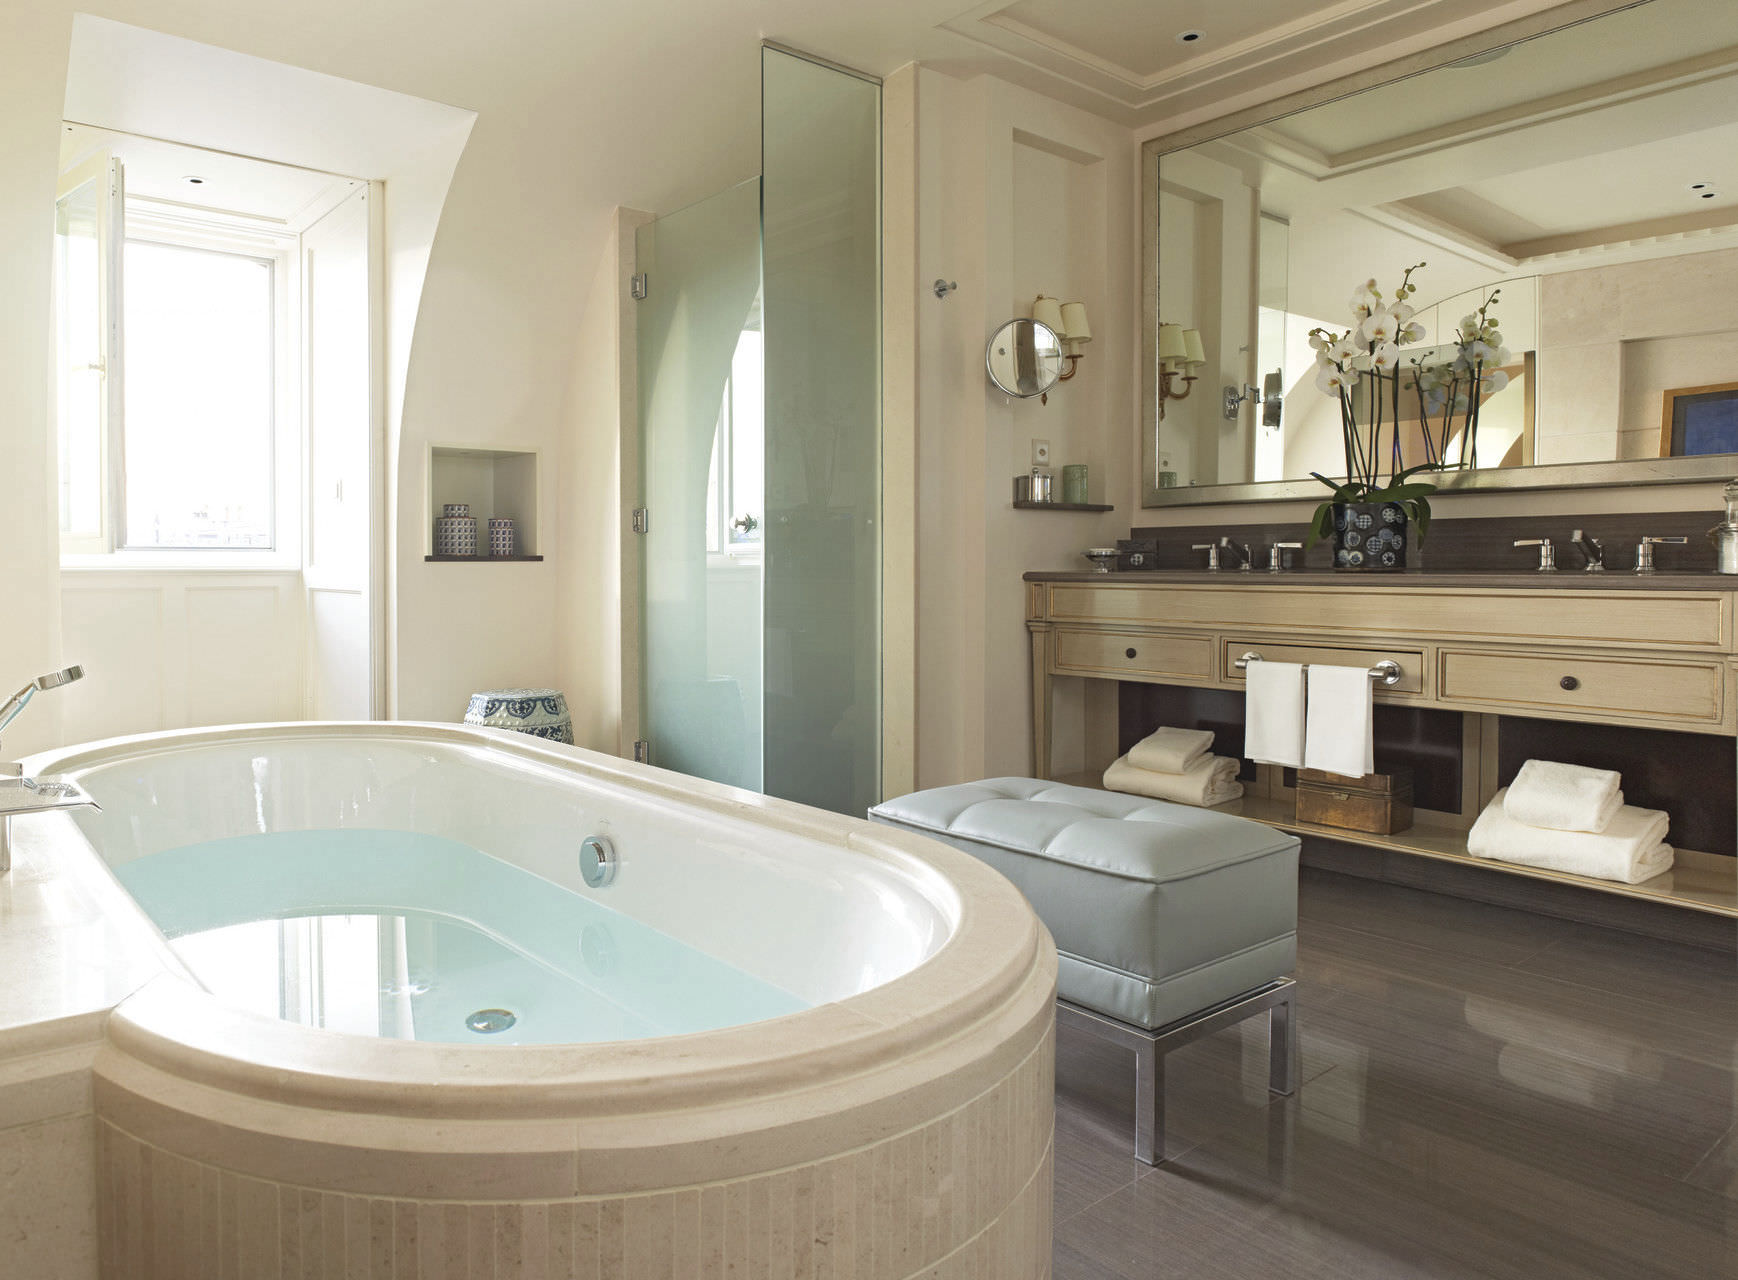 Tele Salle De Bain miroir de salle de bain mural / avec télévision intégrée